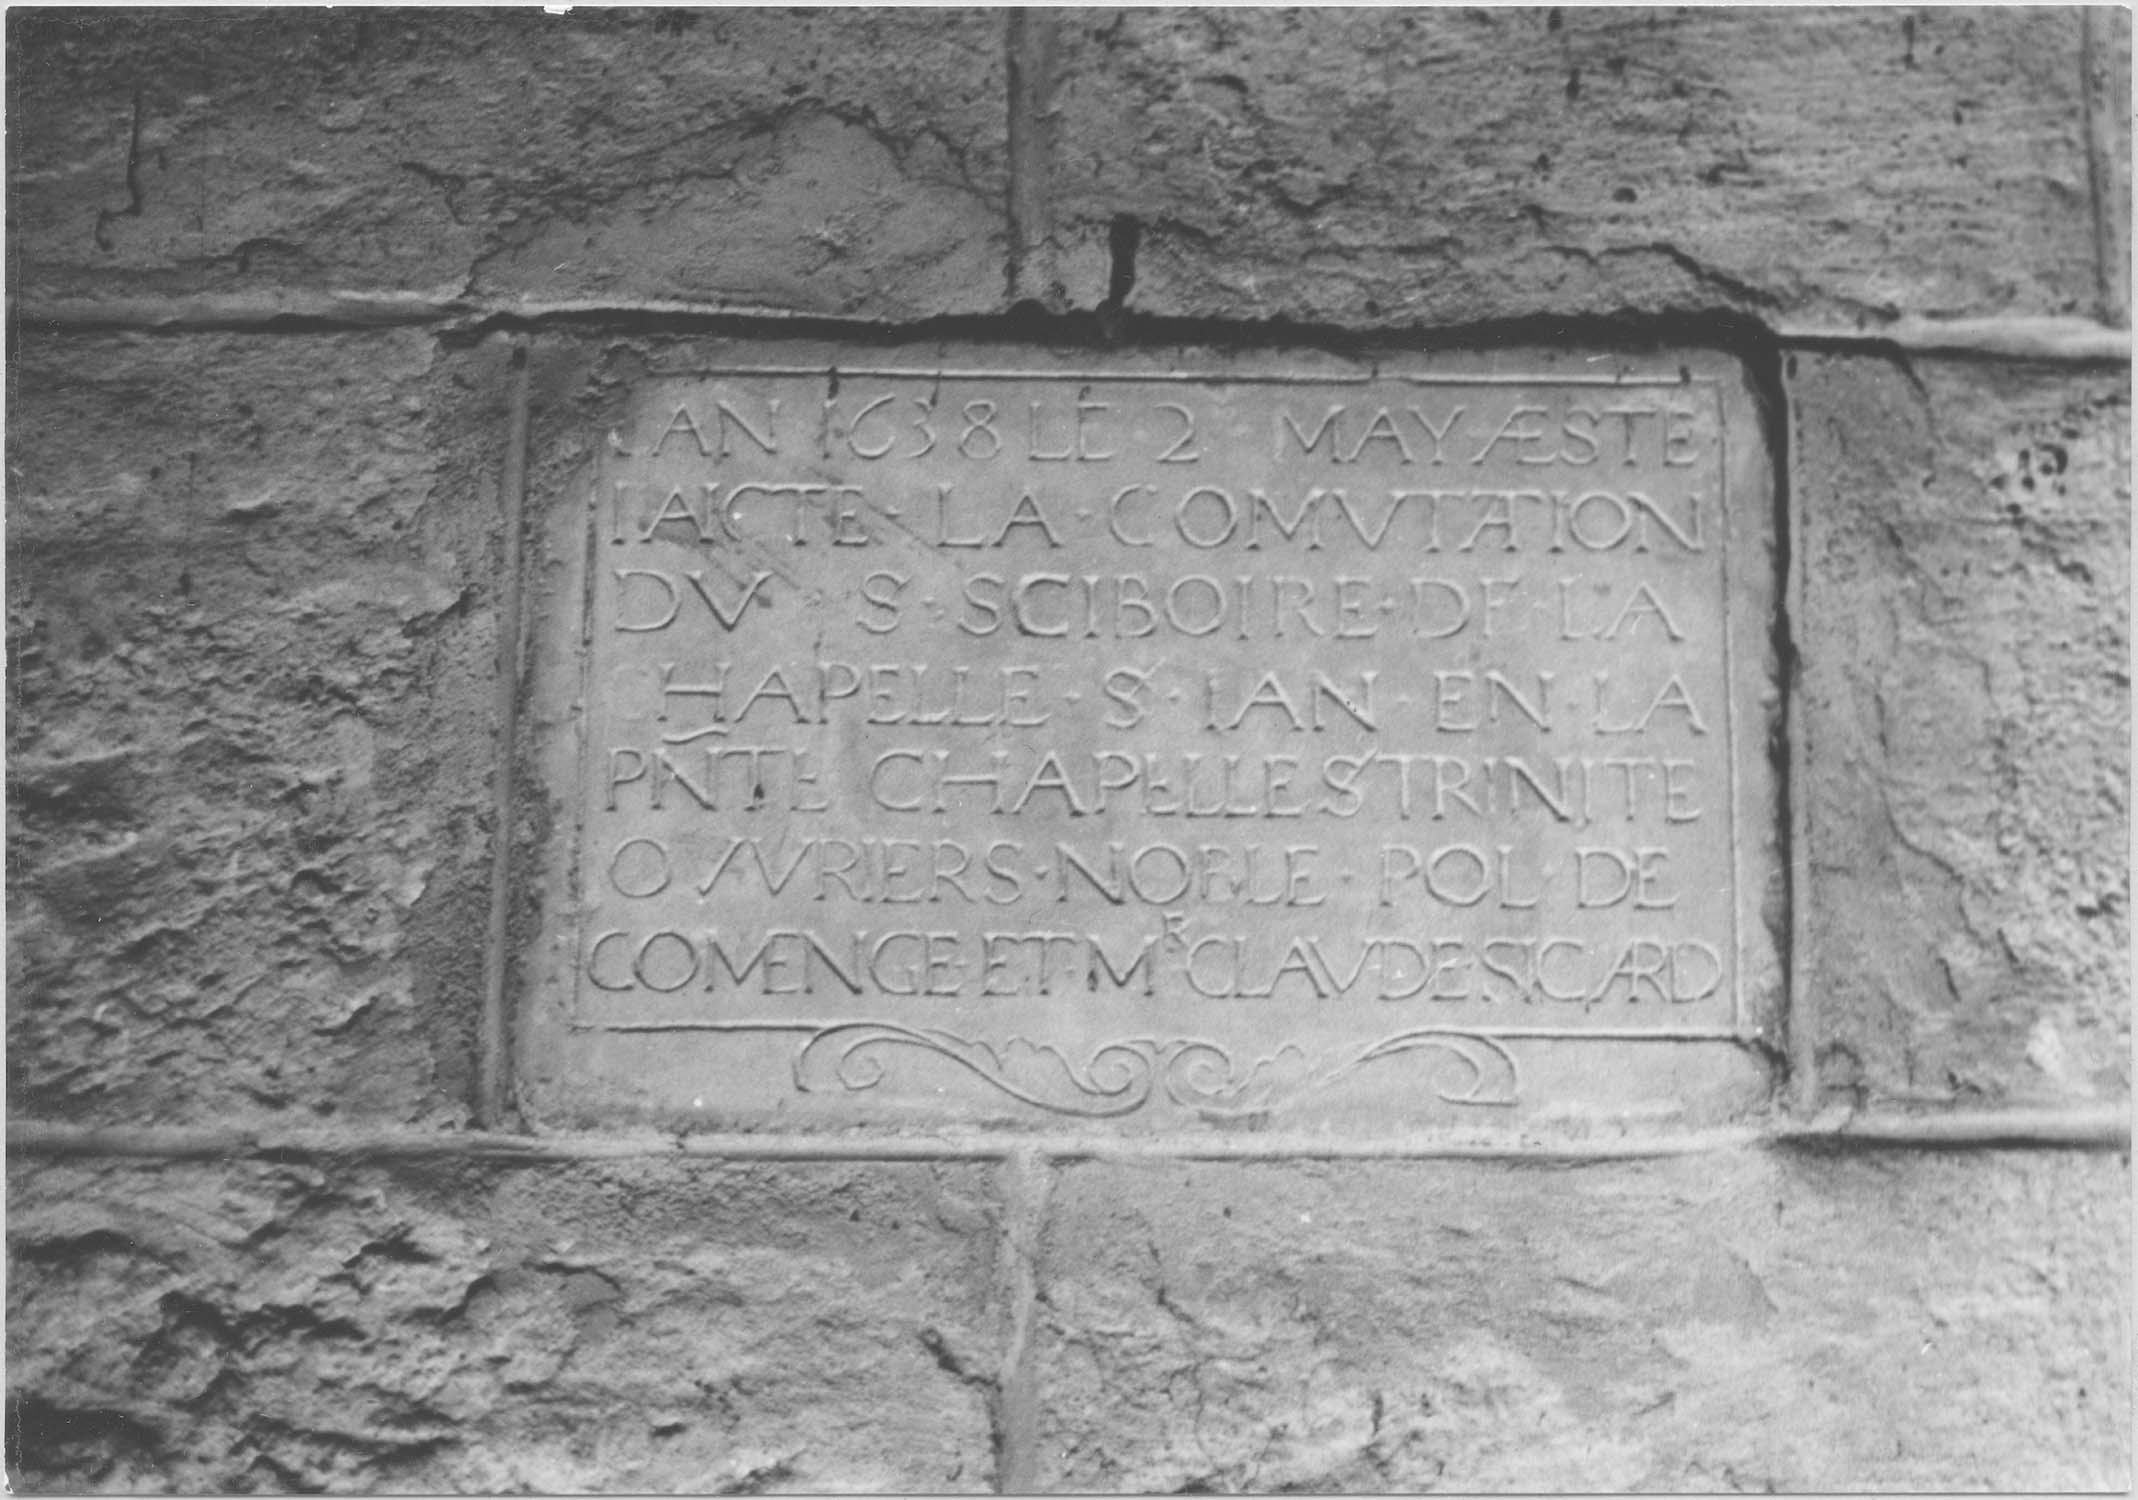 plaque commémorative de la Comutation du saint Sciboire le 2 mai 1638